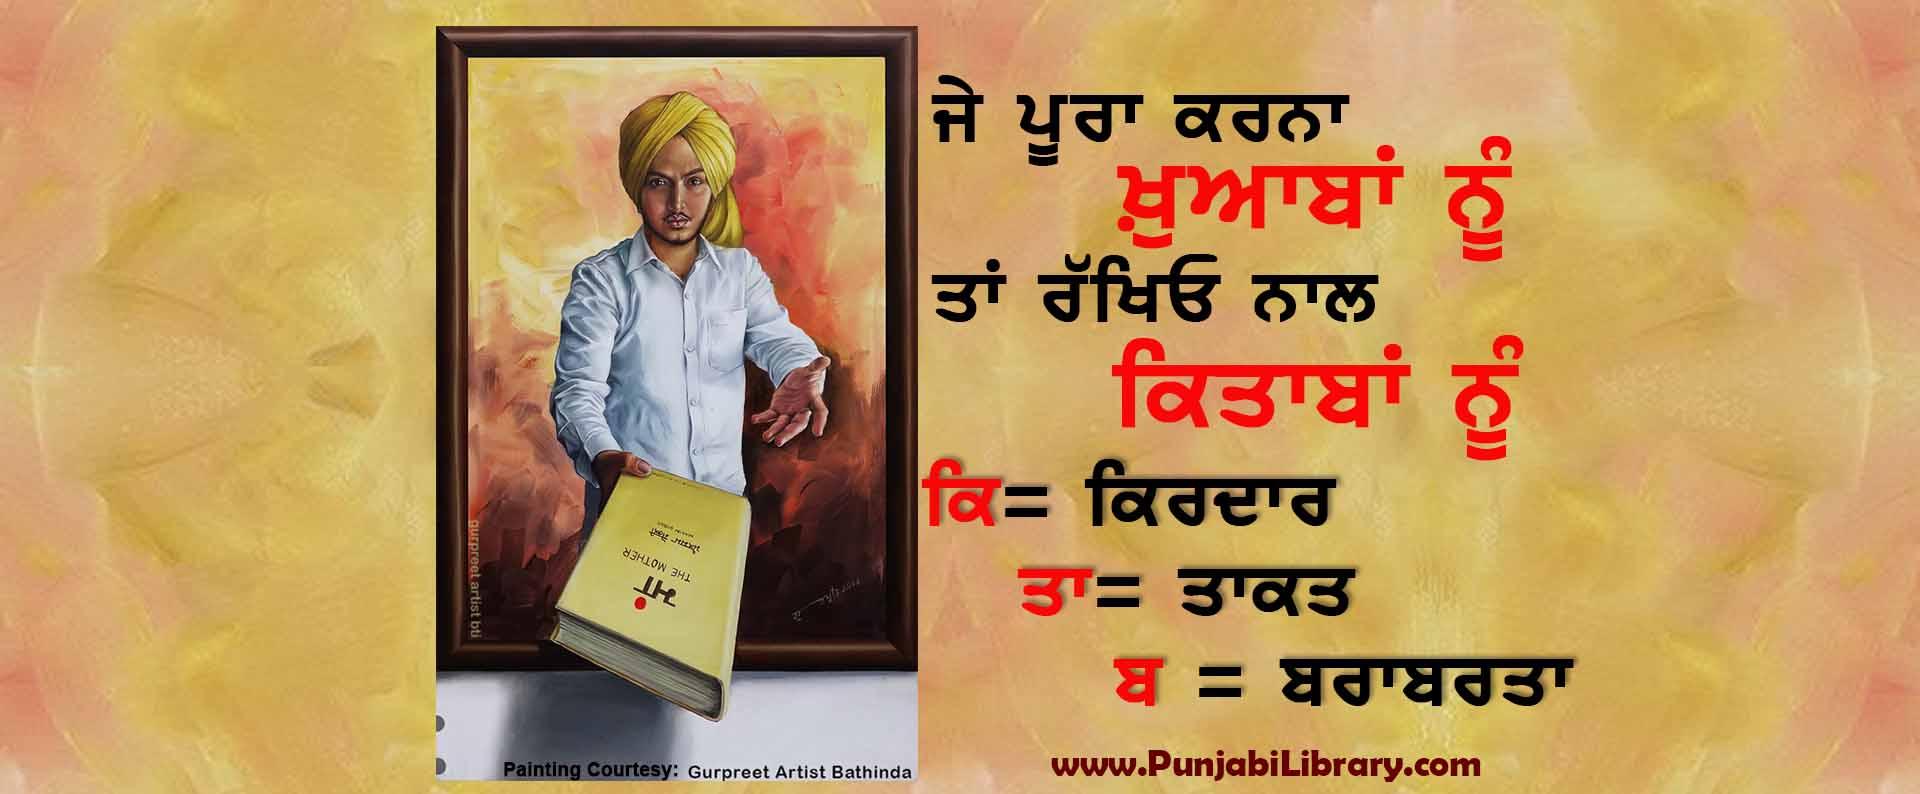 Punjabi_Library_Bhagat_Singh-1